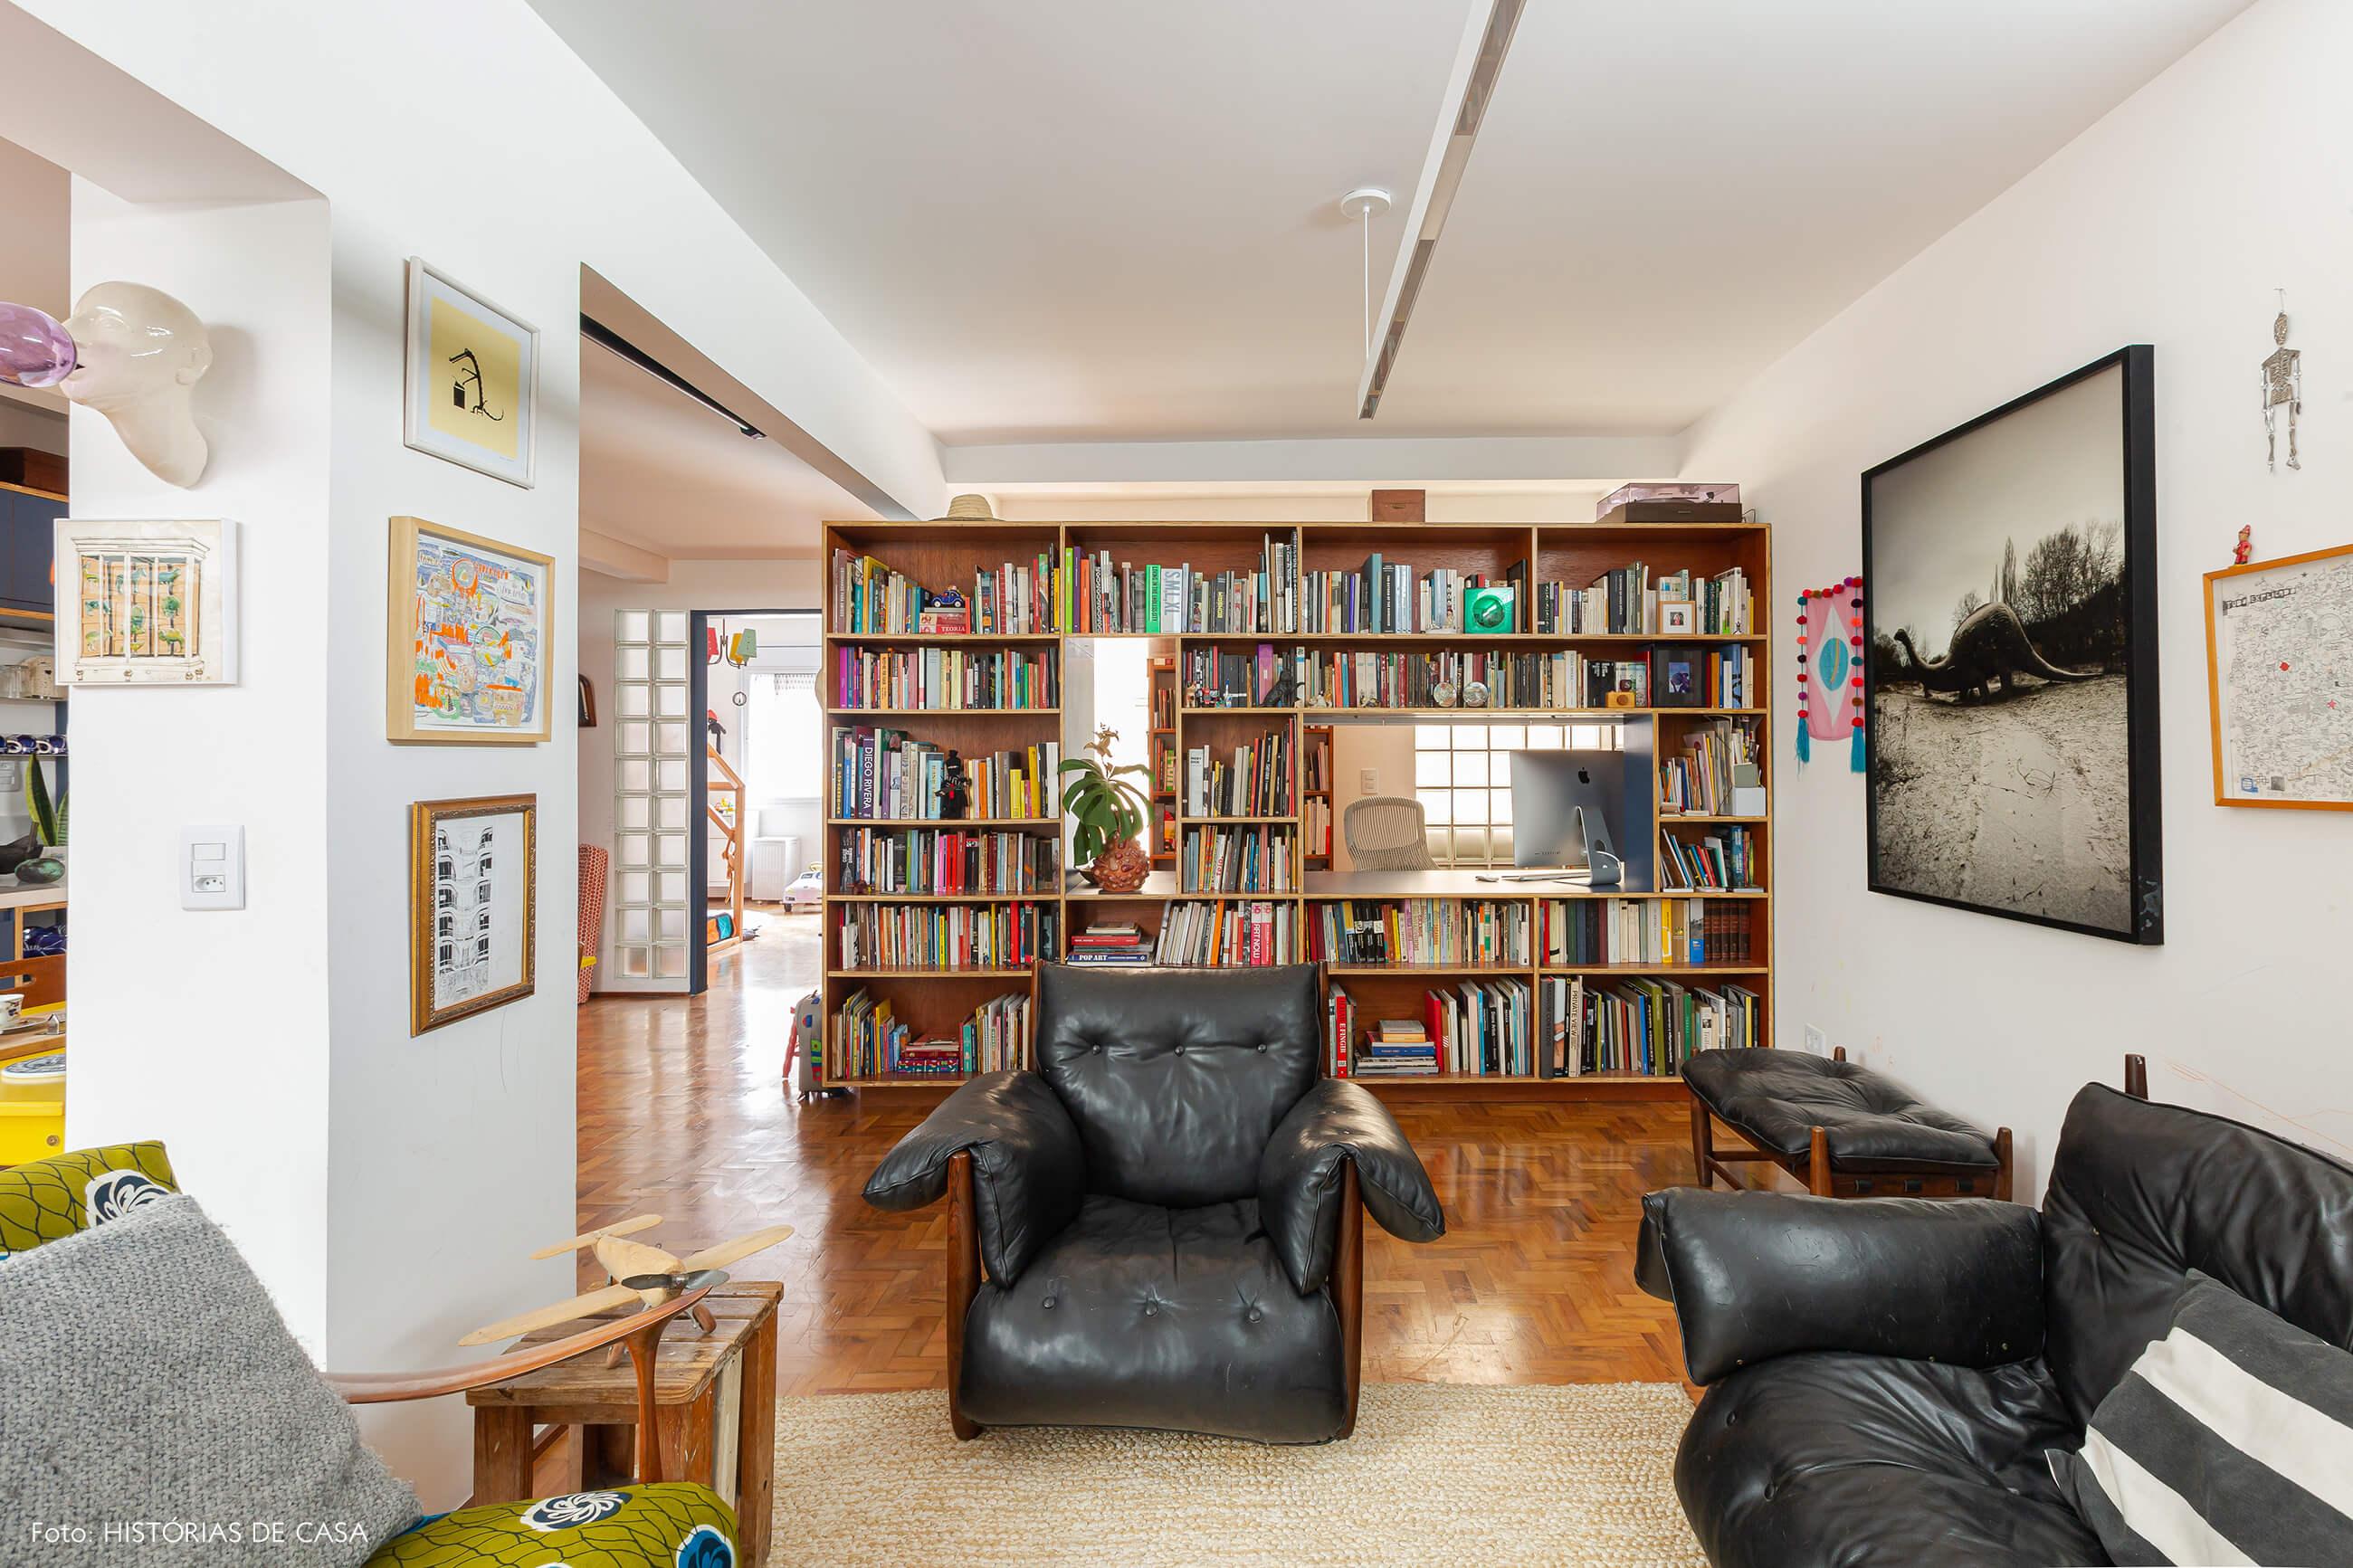 Apartamento reformado, sala com estante dupla face e poltrona Mole